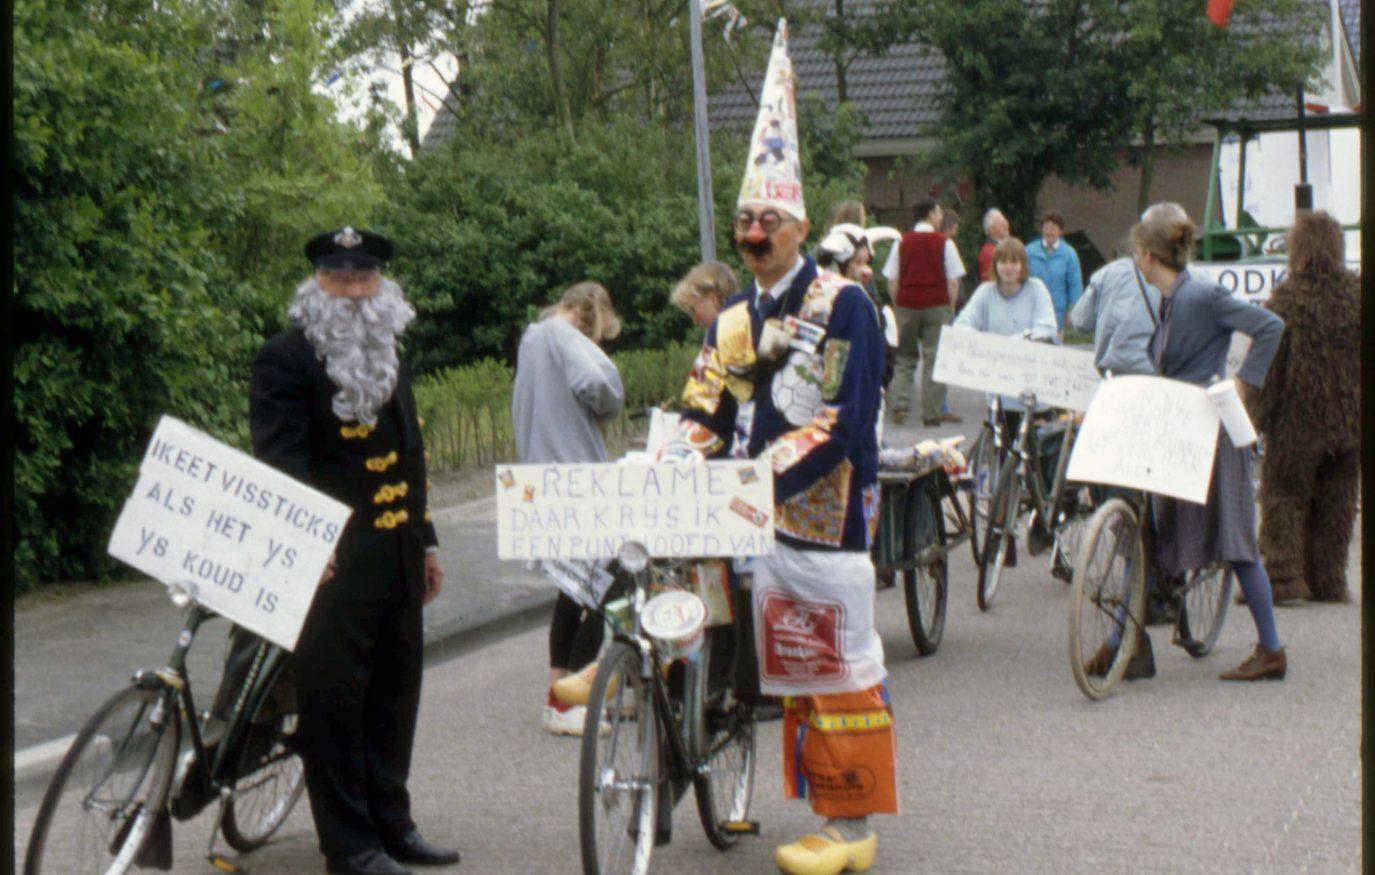 1994 aldtsjerk feest optocht 051